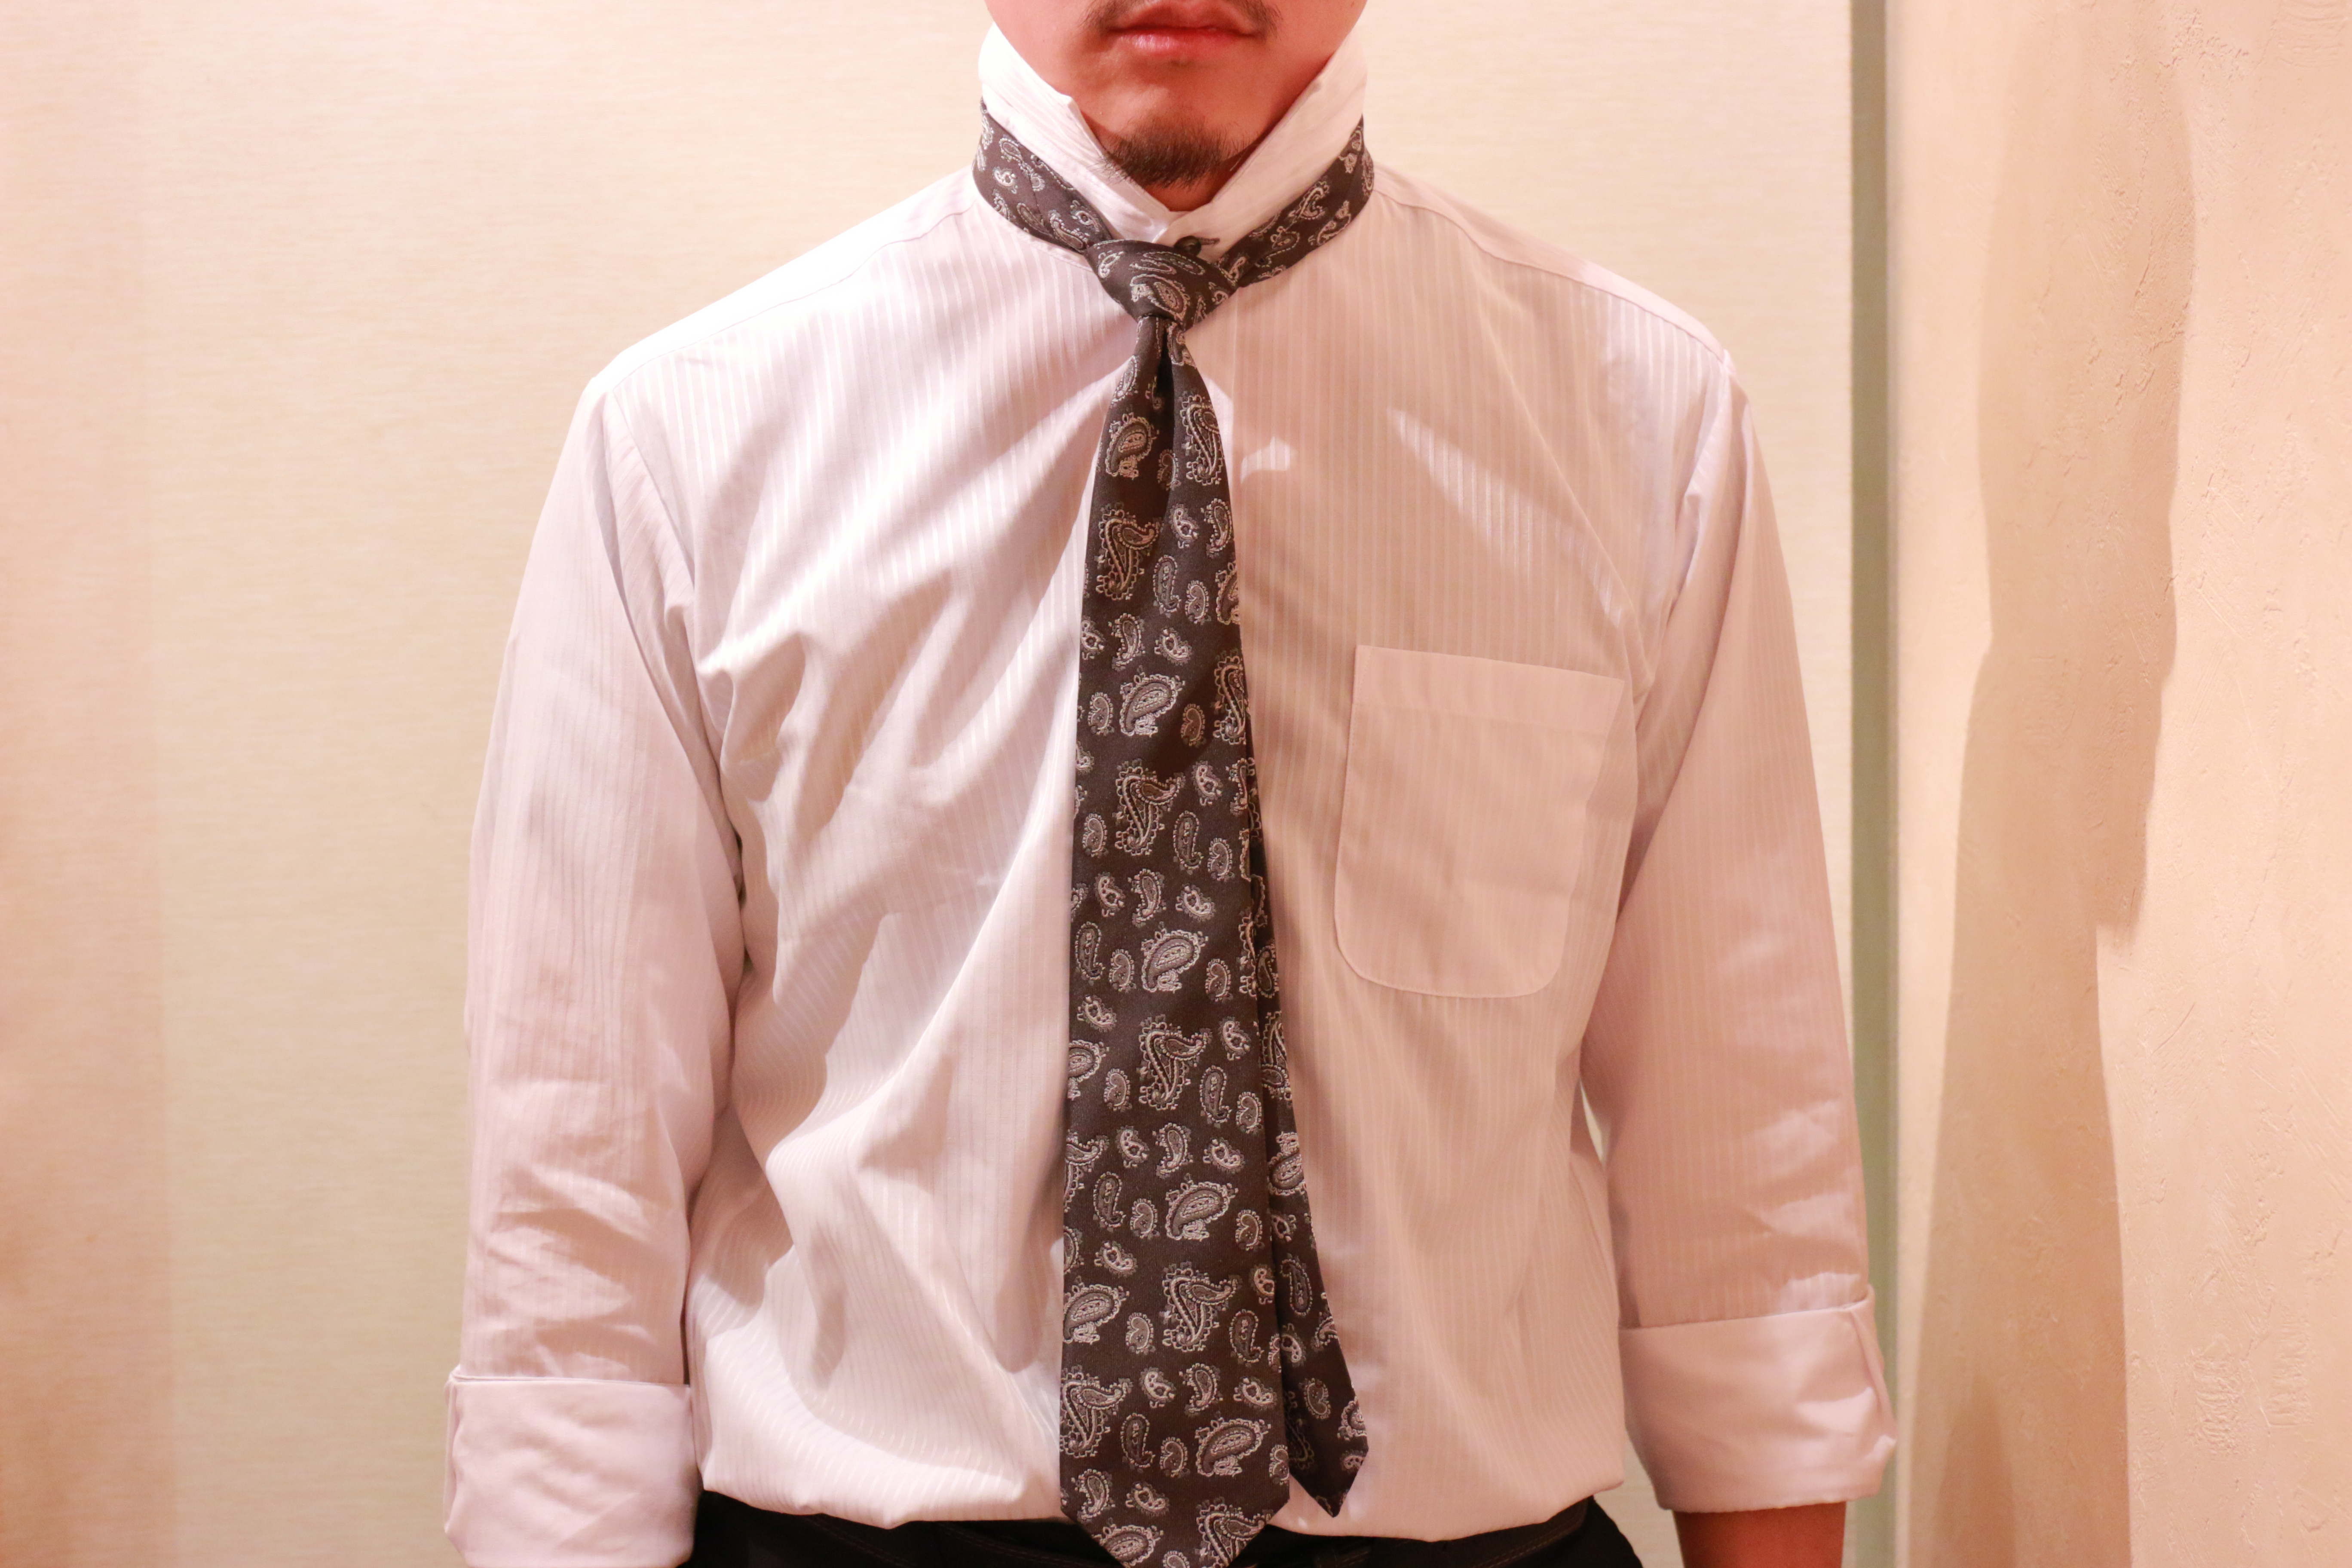 ネクタイの結び方